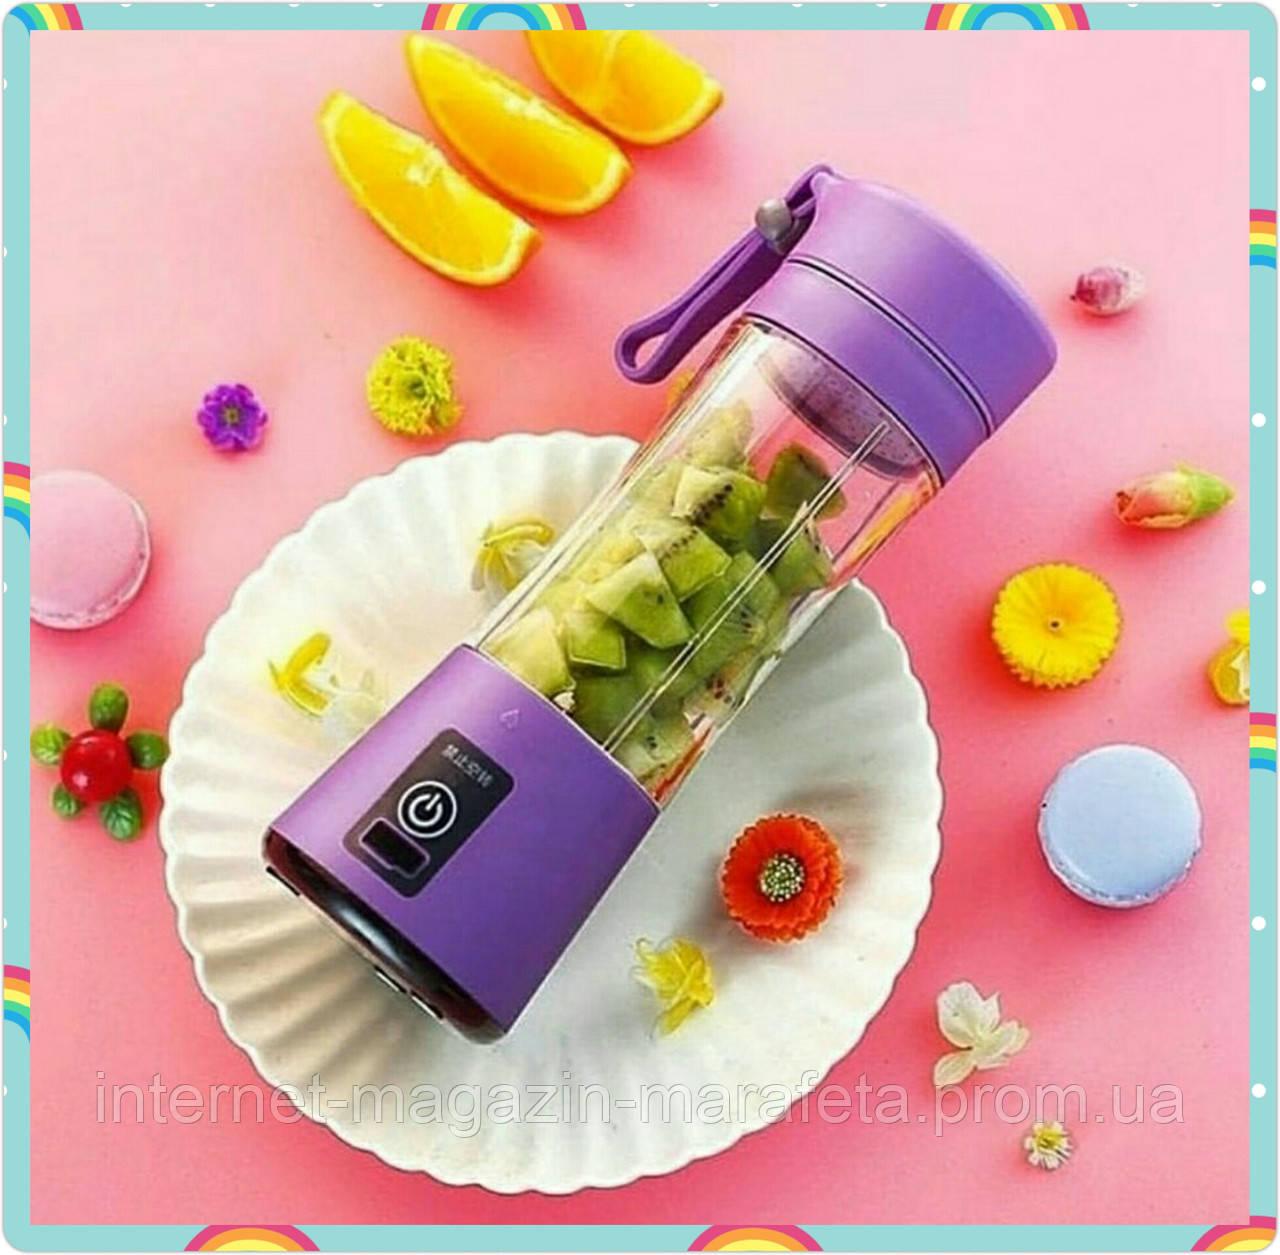 Портативный фитнес блендер оптом, спортивный USB блендер для шейков, смузи и других напитков